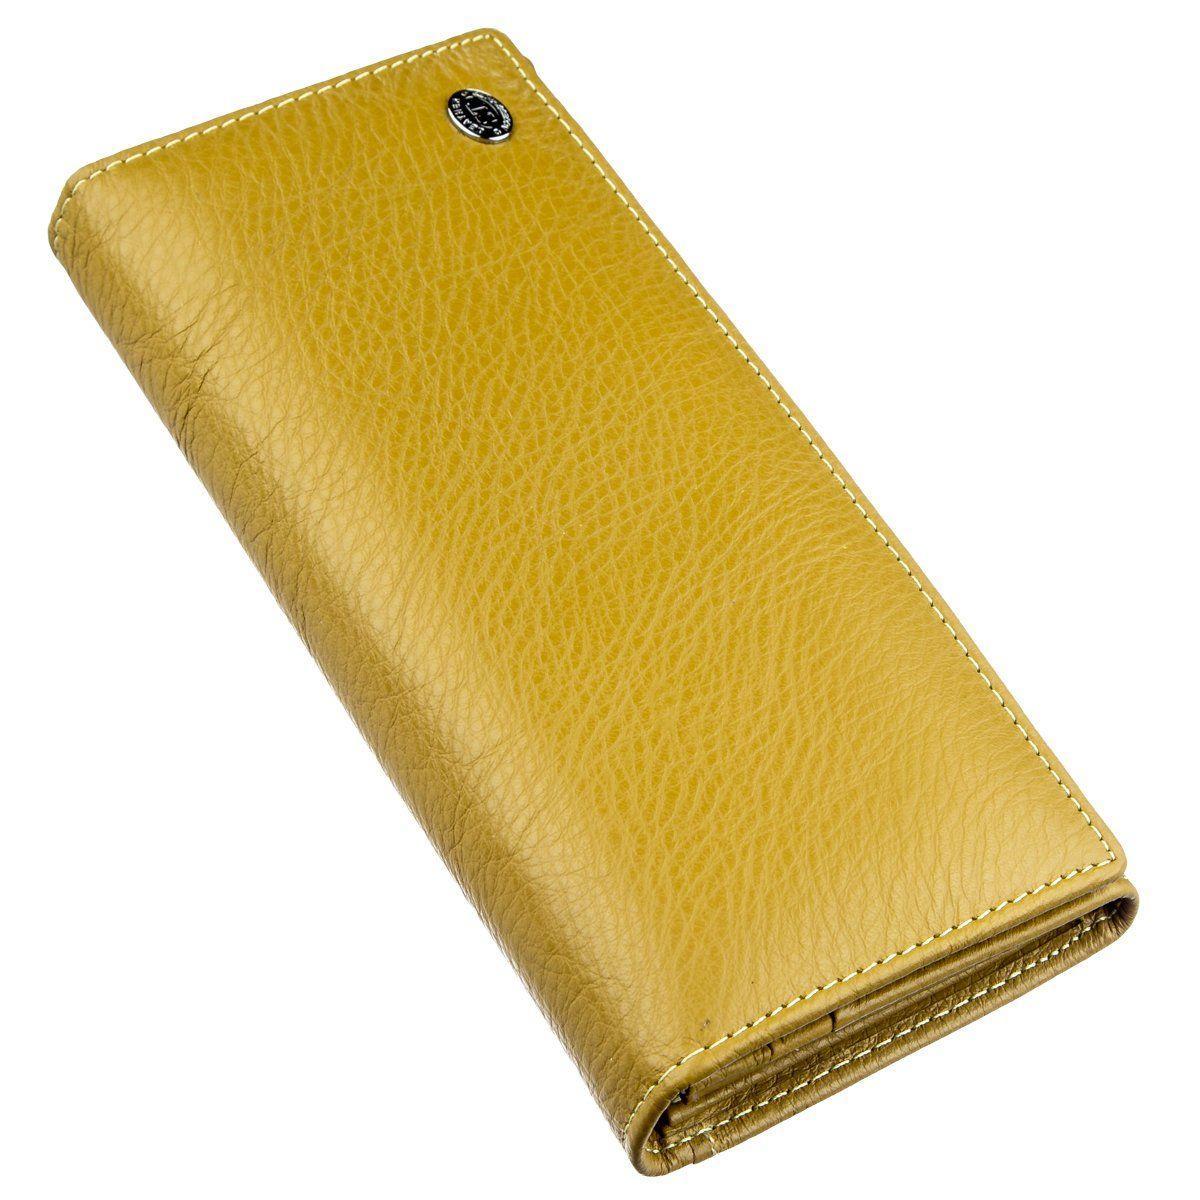 Классический кошелек для женщин на магните ST Leather 18871 Горчичный, Горчичный